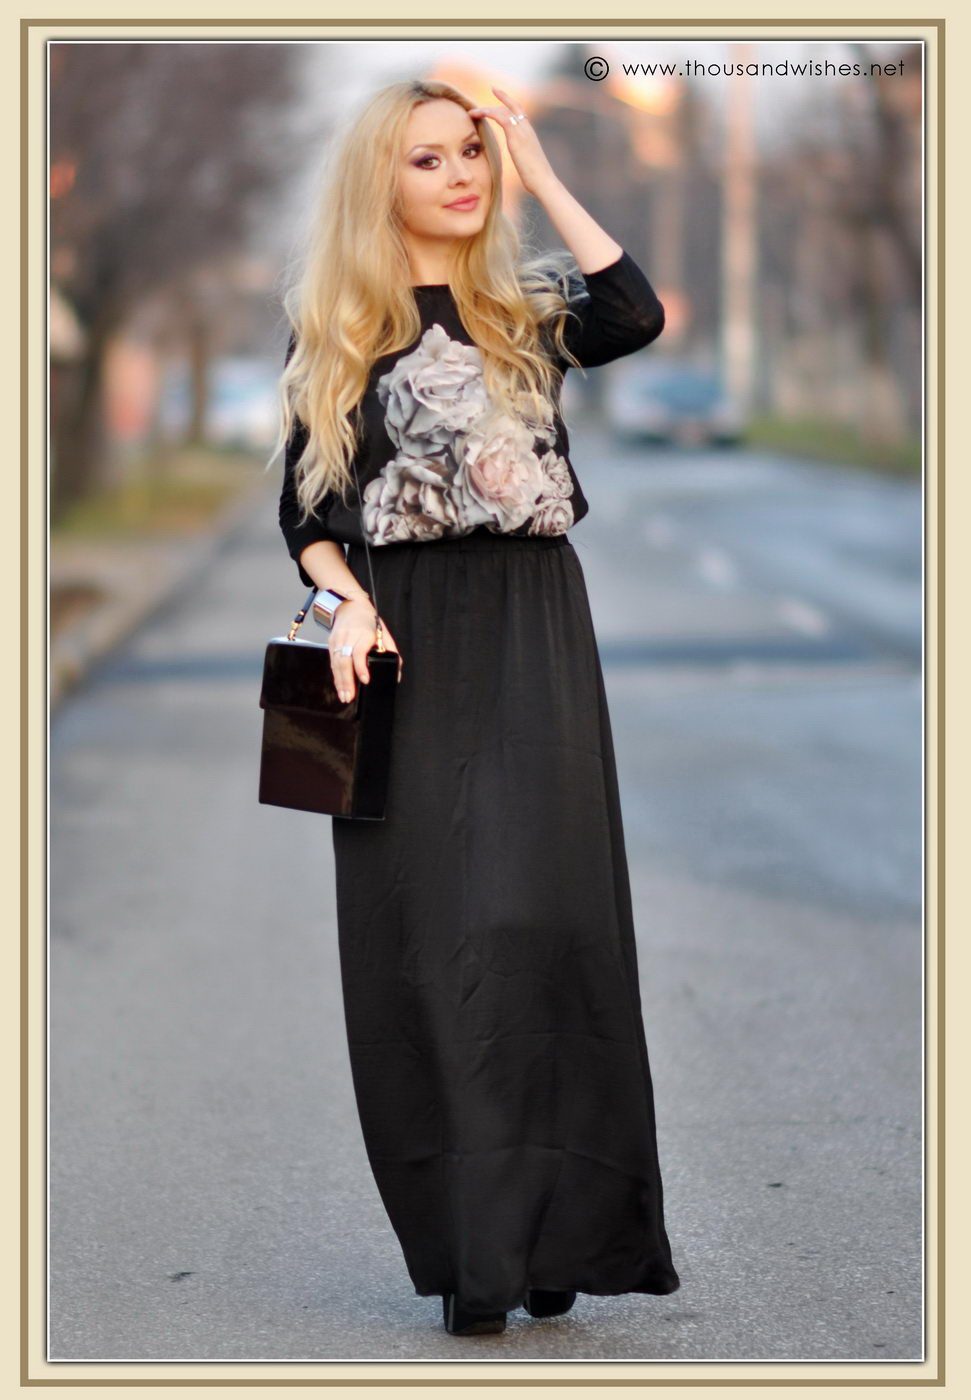 13_glossy_black_bag_skirt